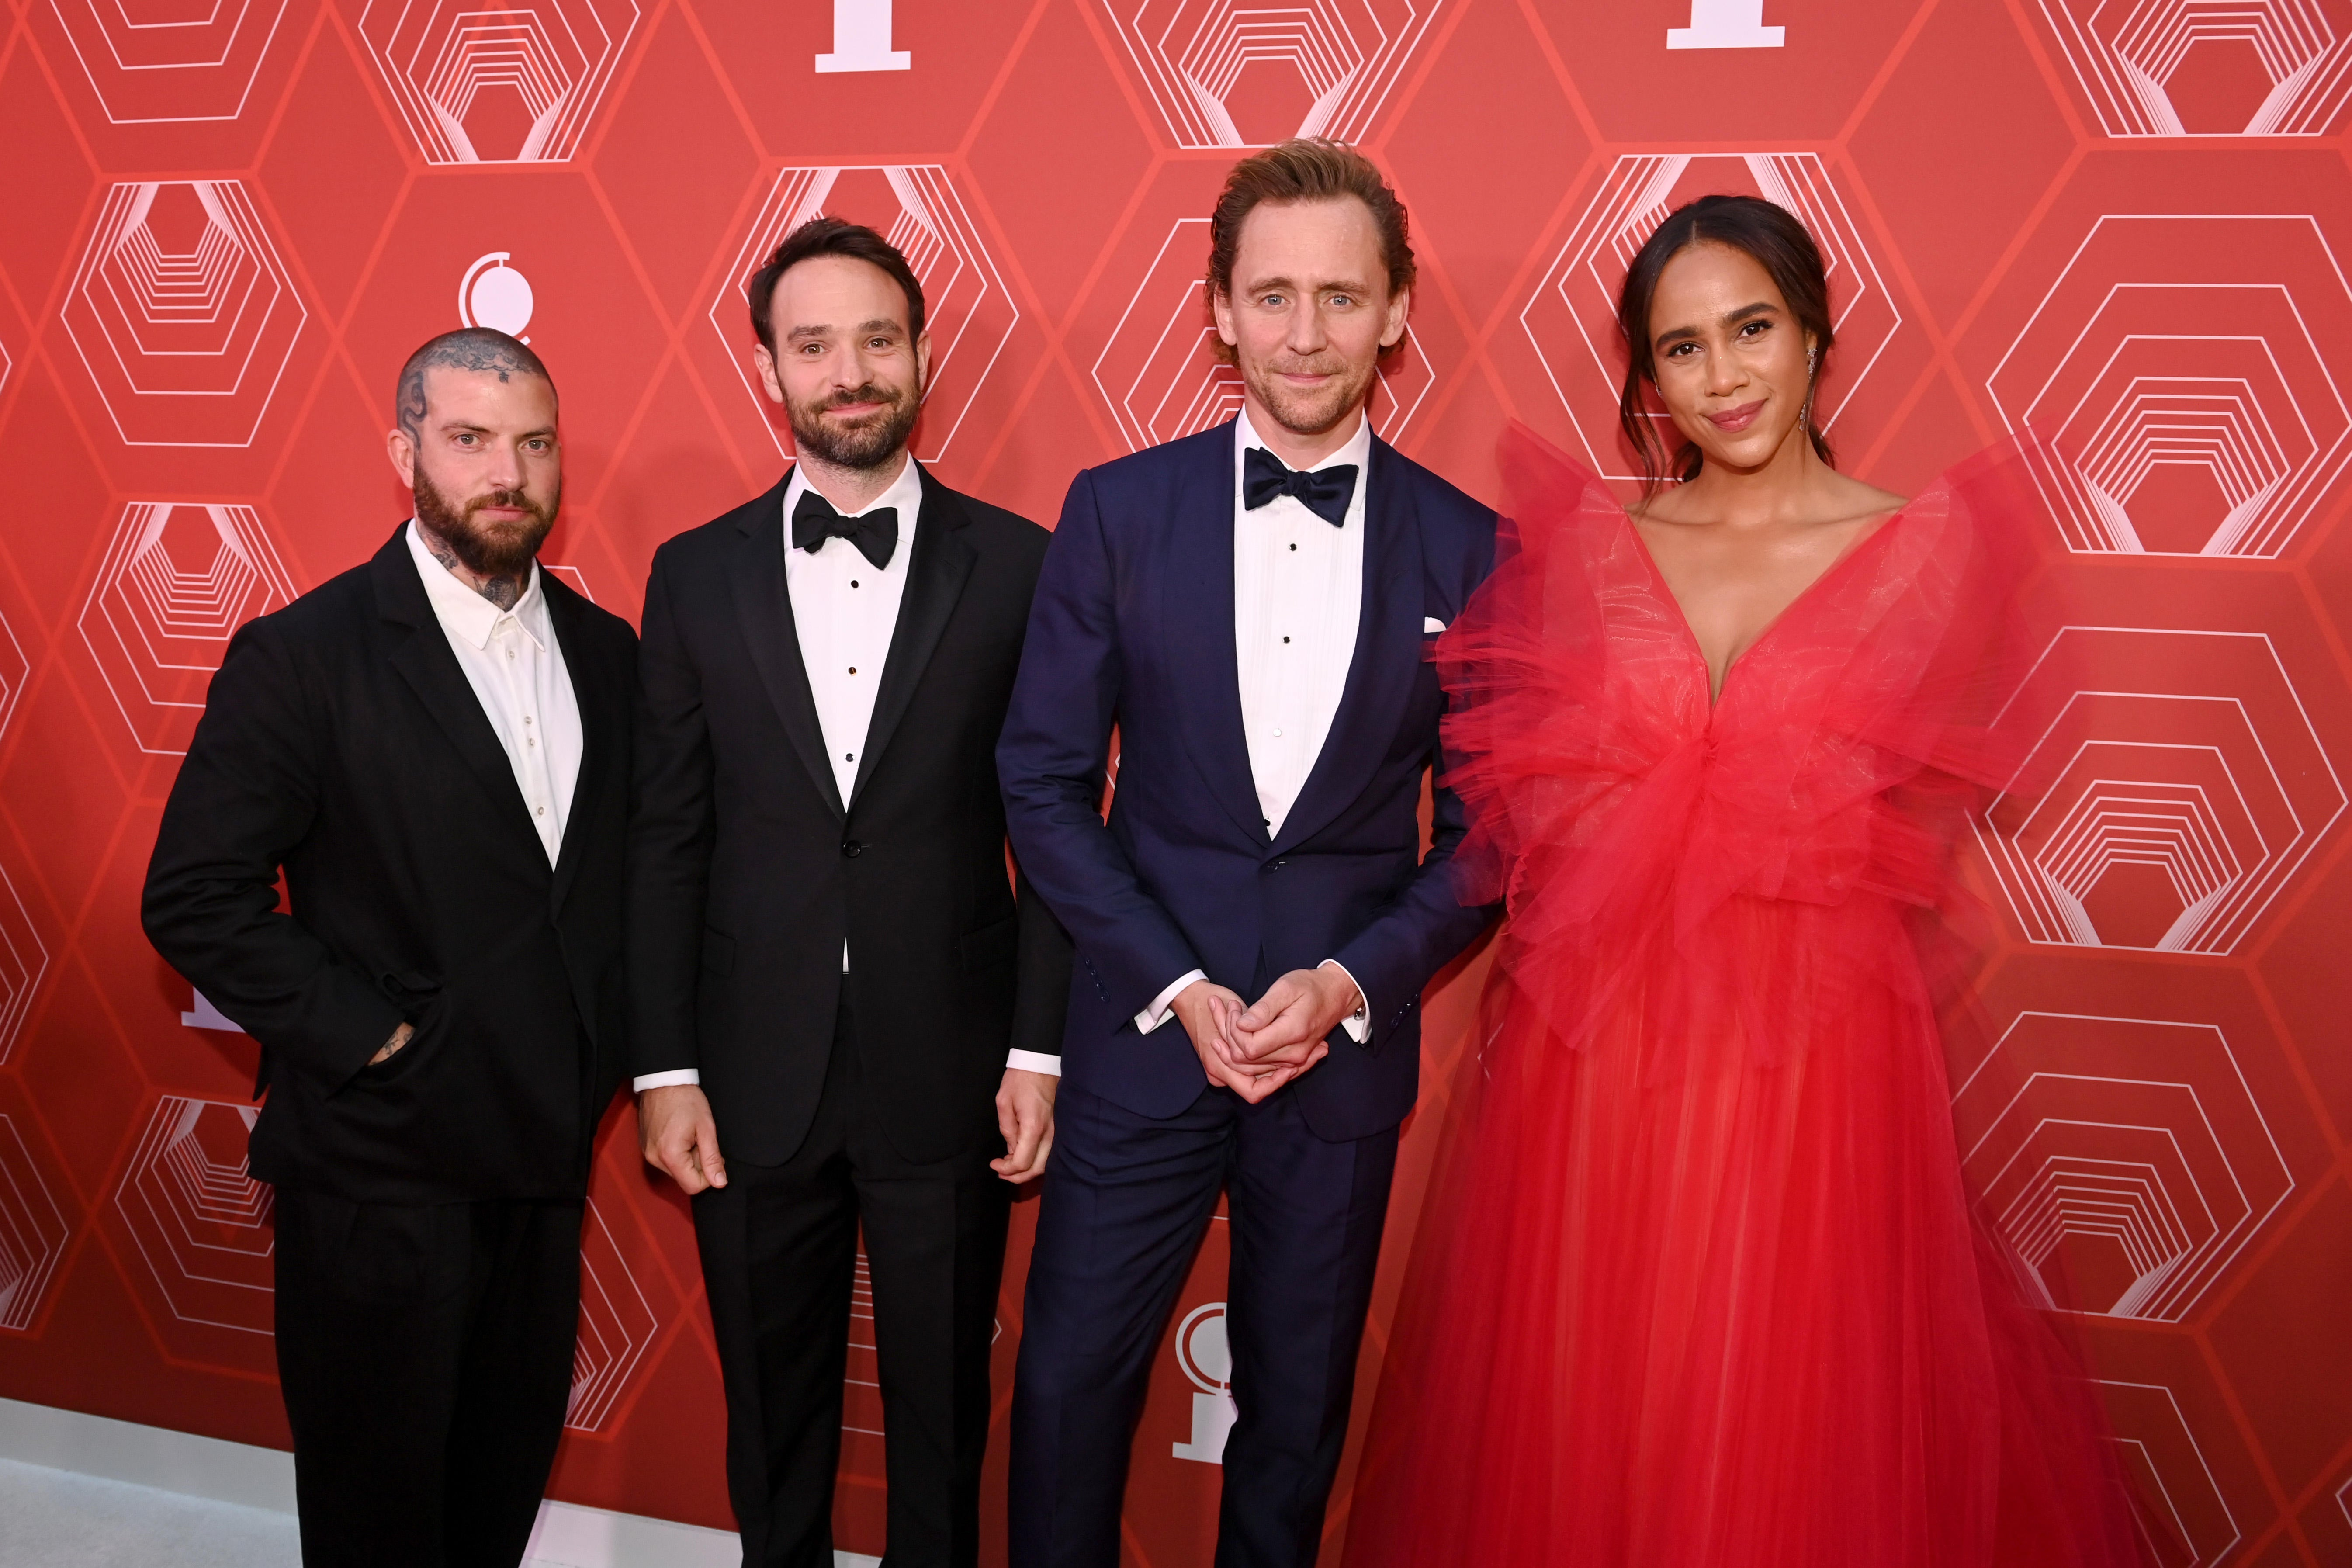 charlie-cox-tom-hiddleston-betrayal-tony-awards